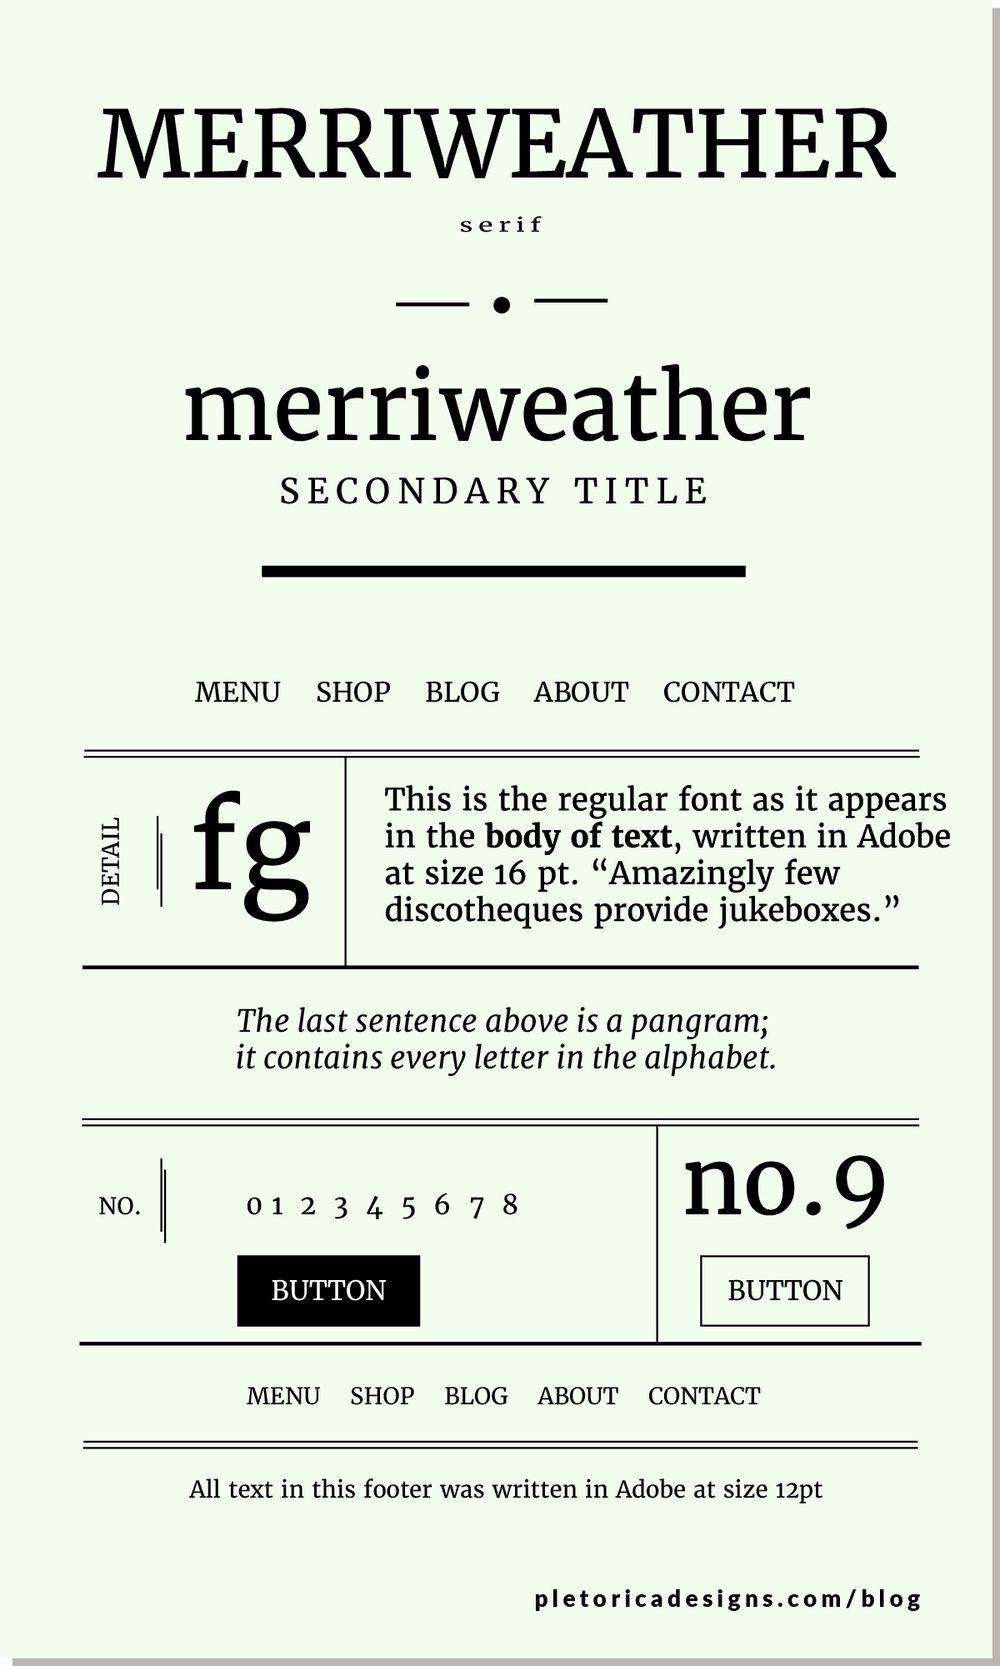 LET'S TYPE: Merriweather — PLETÓRICA DESIGNS